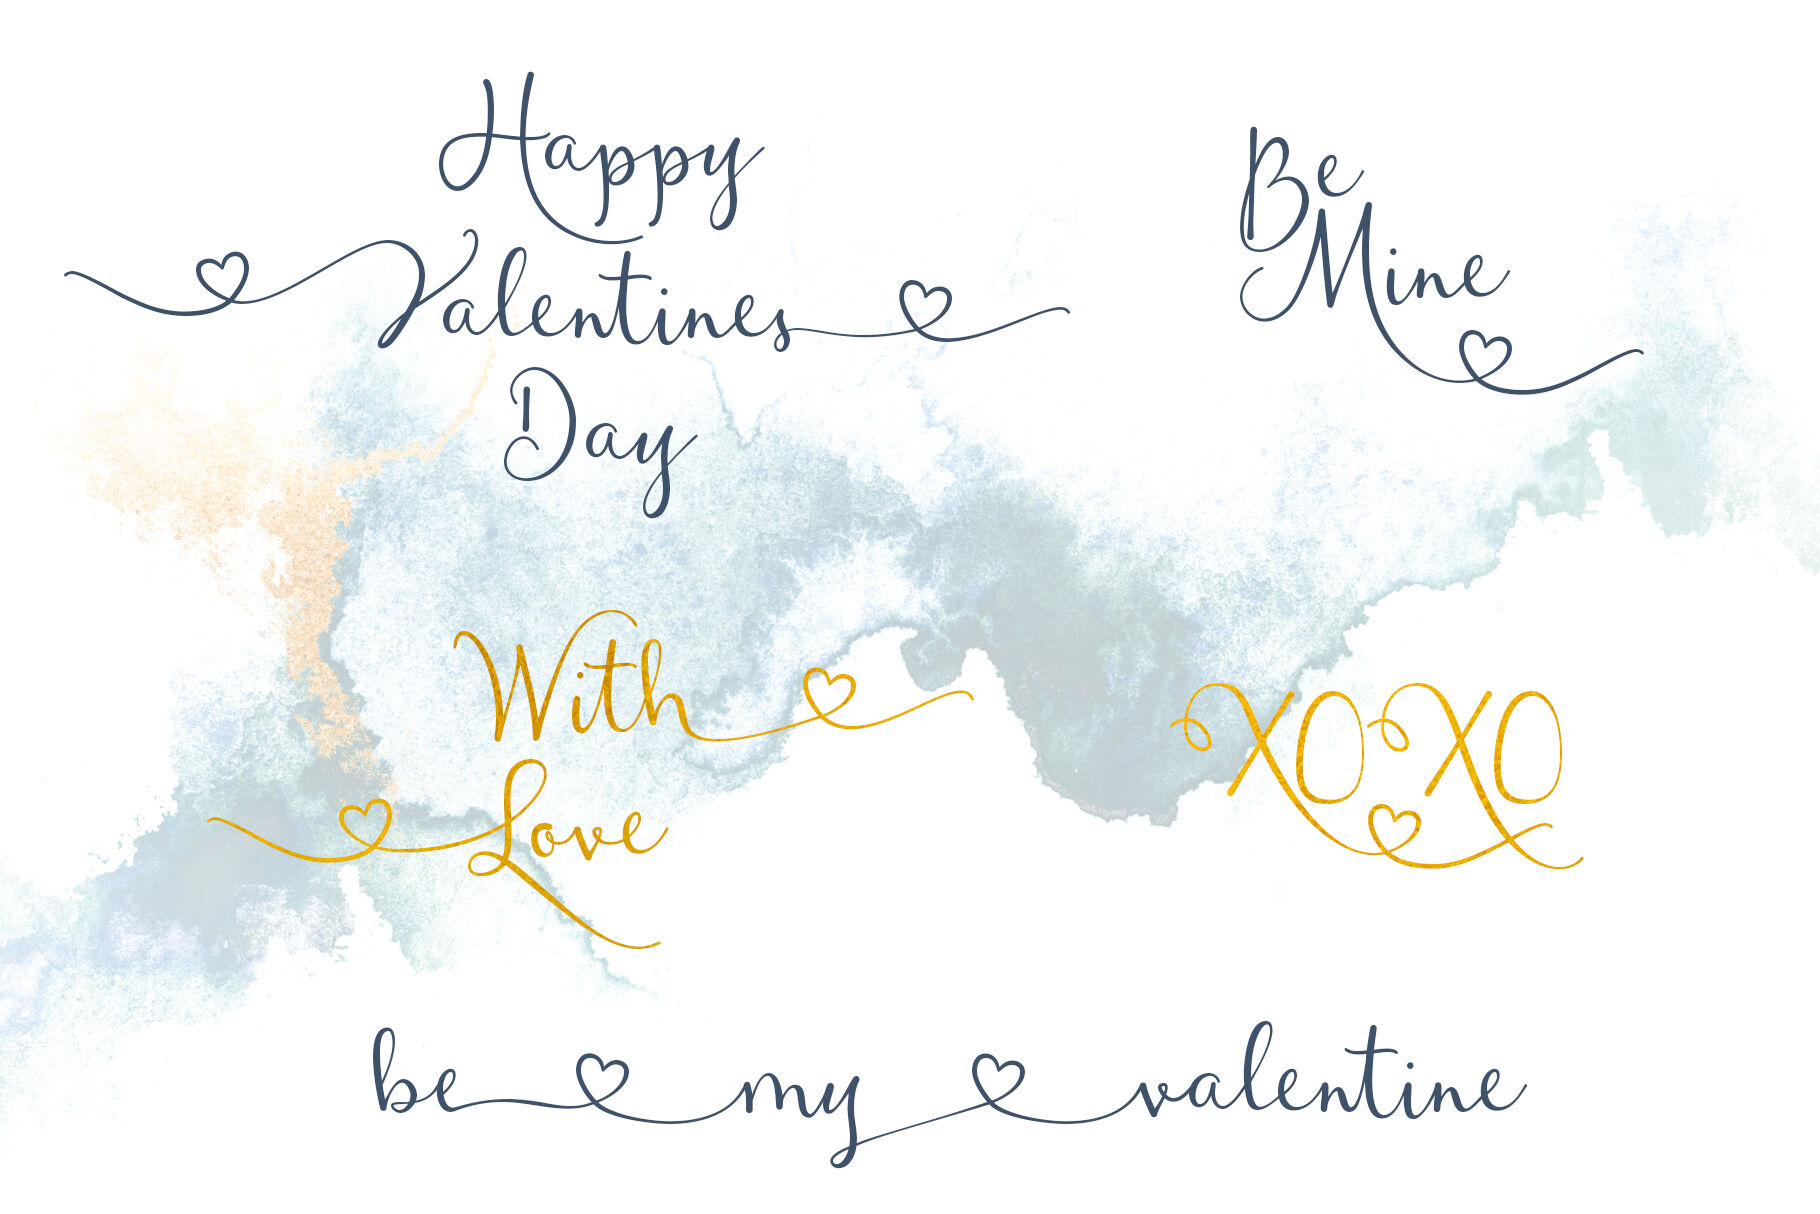 Waterfalls Wedding Font Love Font Heart Swash Font By Joanne Marie